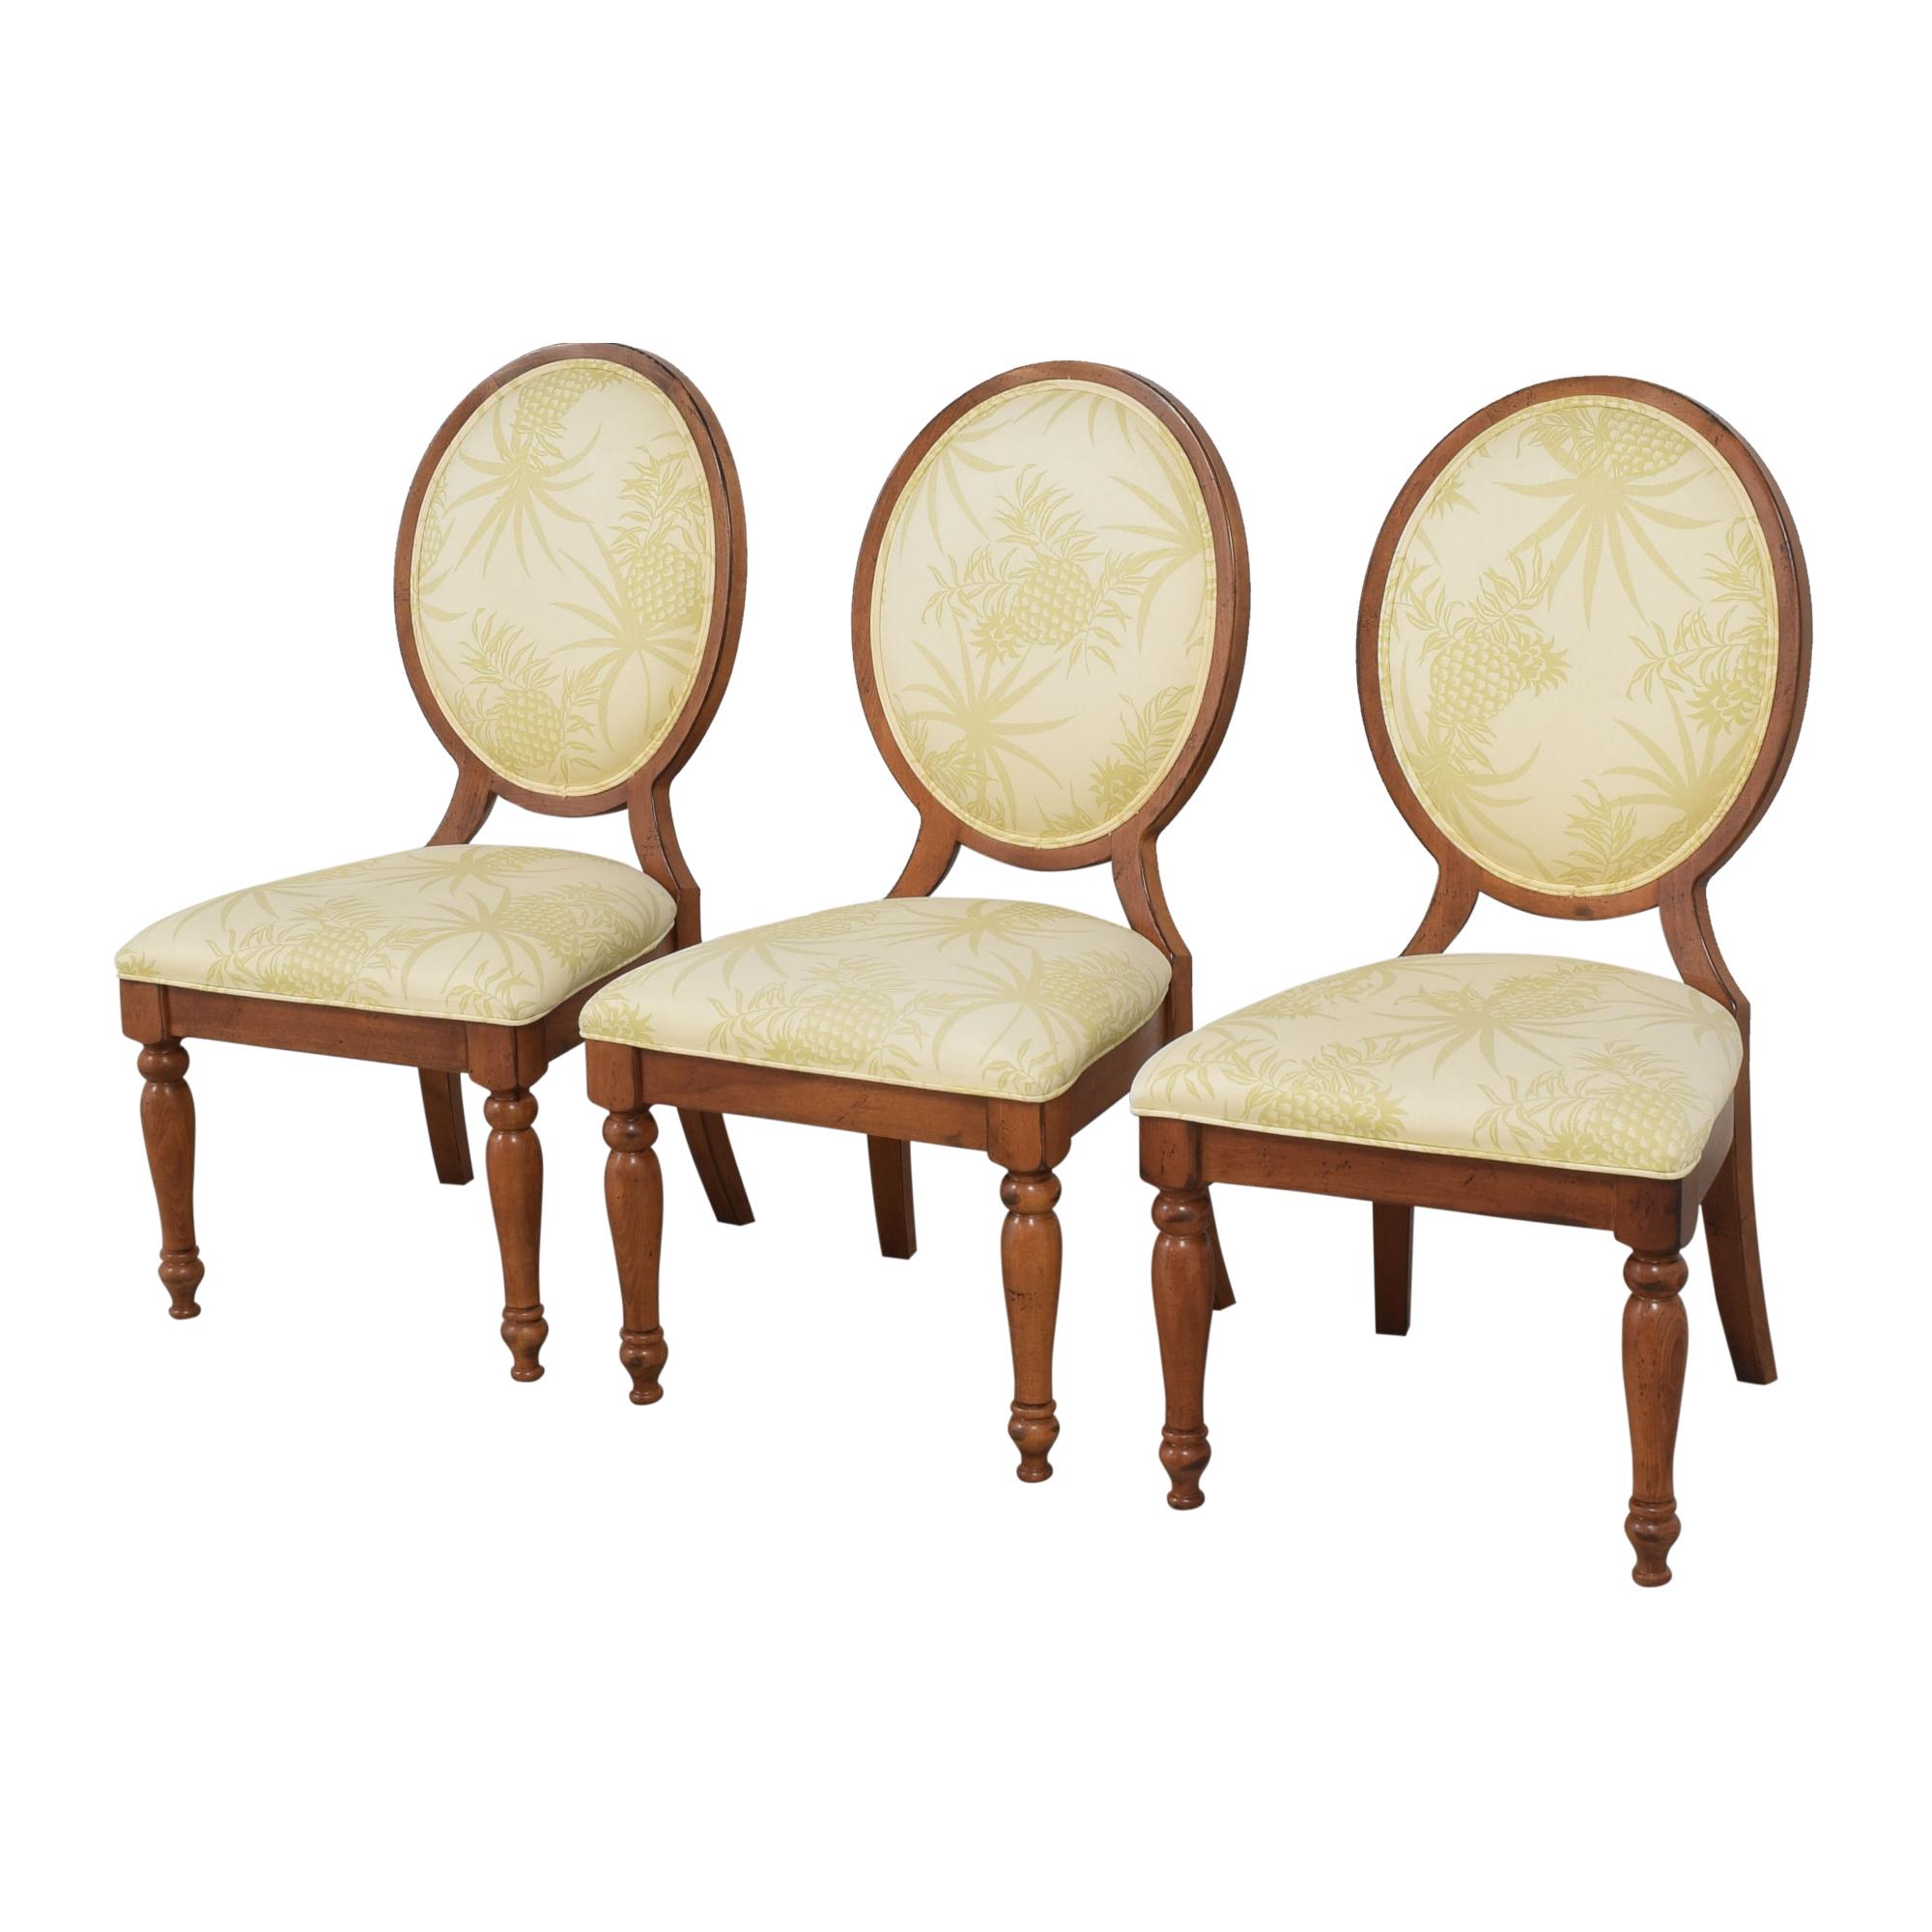 Lexington Furniture Lexington Furniture Oval Back Dining Chairs ma